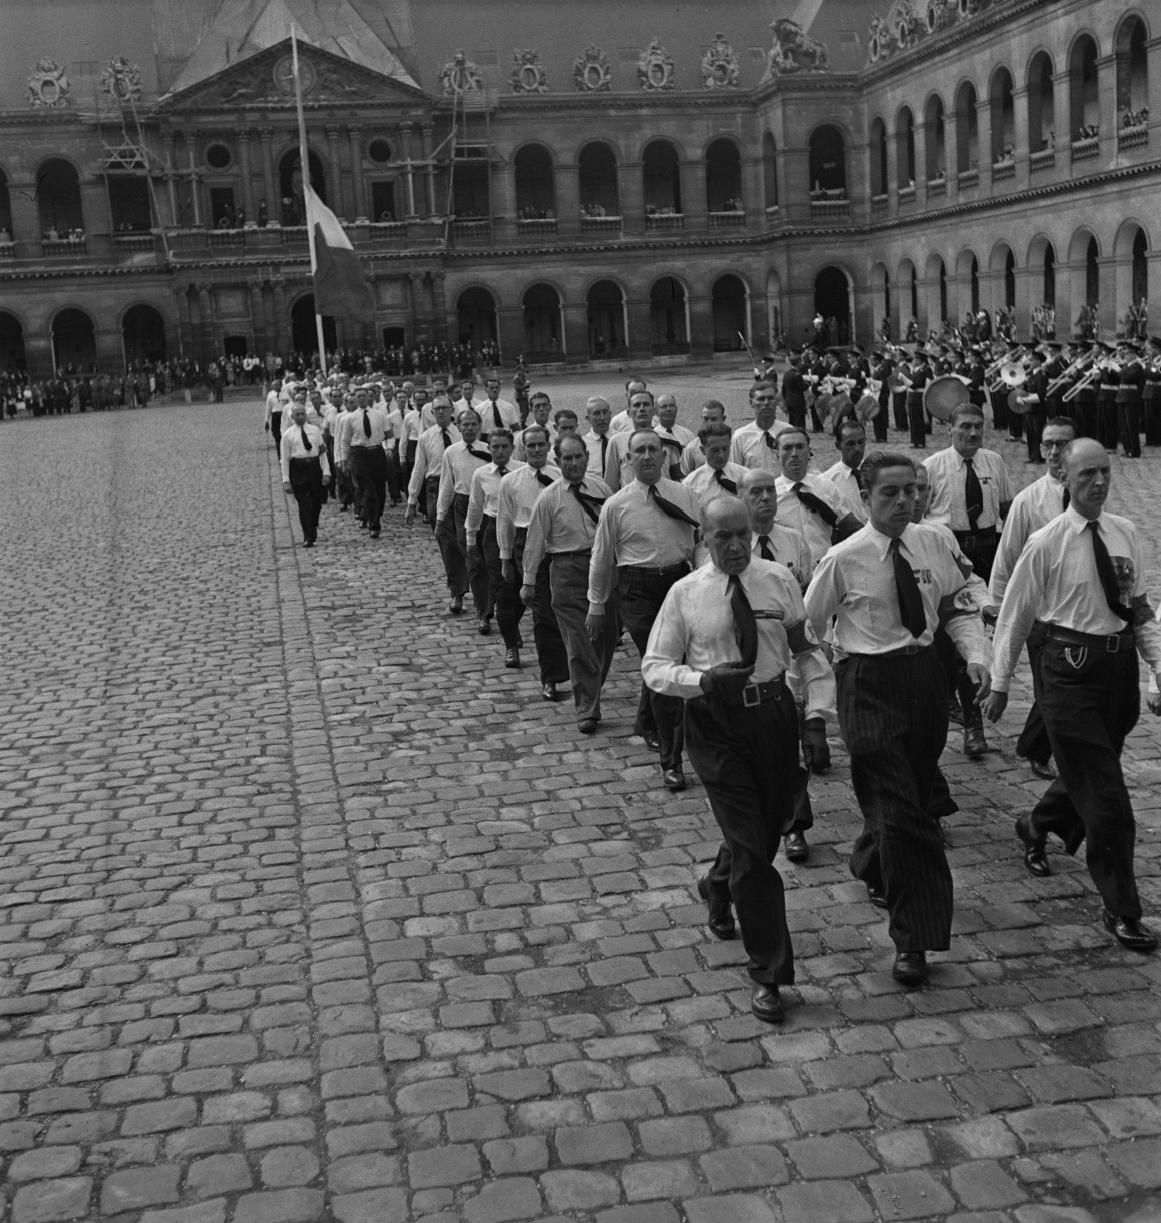 42. Затем под исполнение музыкантами из ВВС Полк Самбры-и-Мааса добровольцы проходят перед трибуной. Возглавляет легионеров капитан Демессин